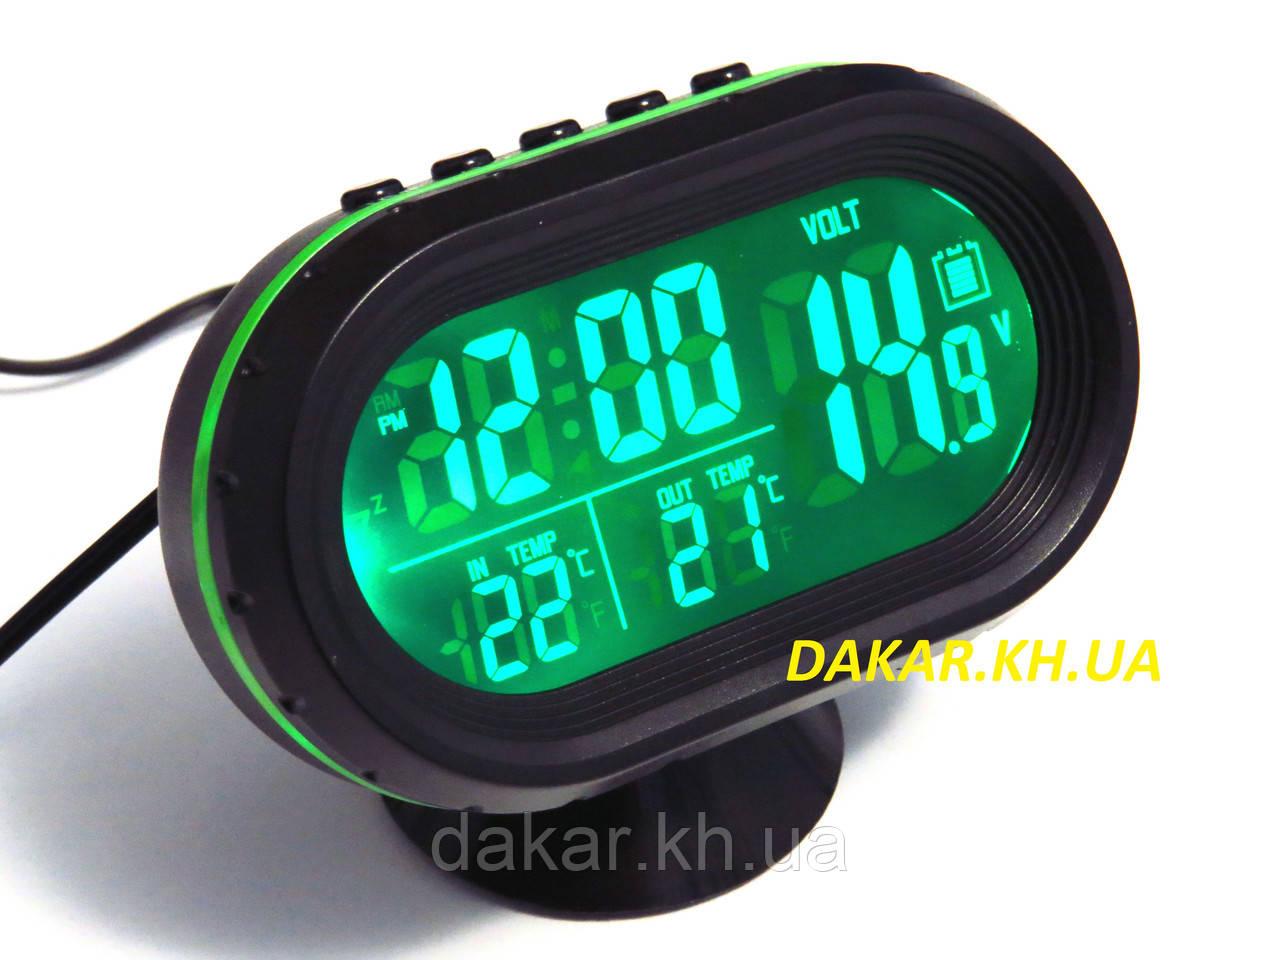 Часы термометр купить купить в киеве часы не дорогой